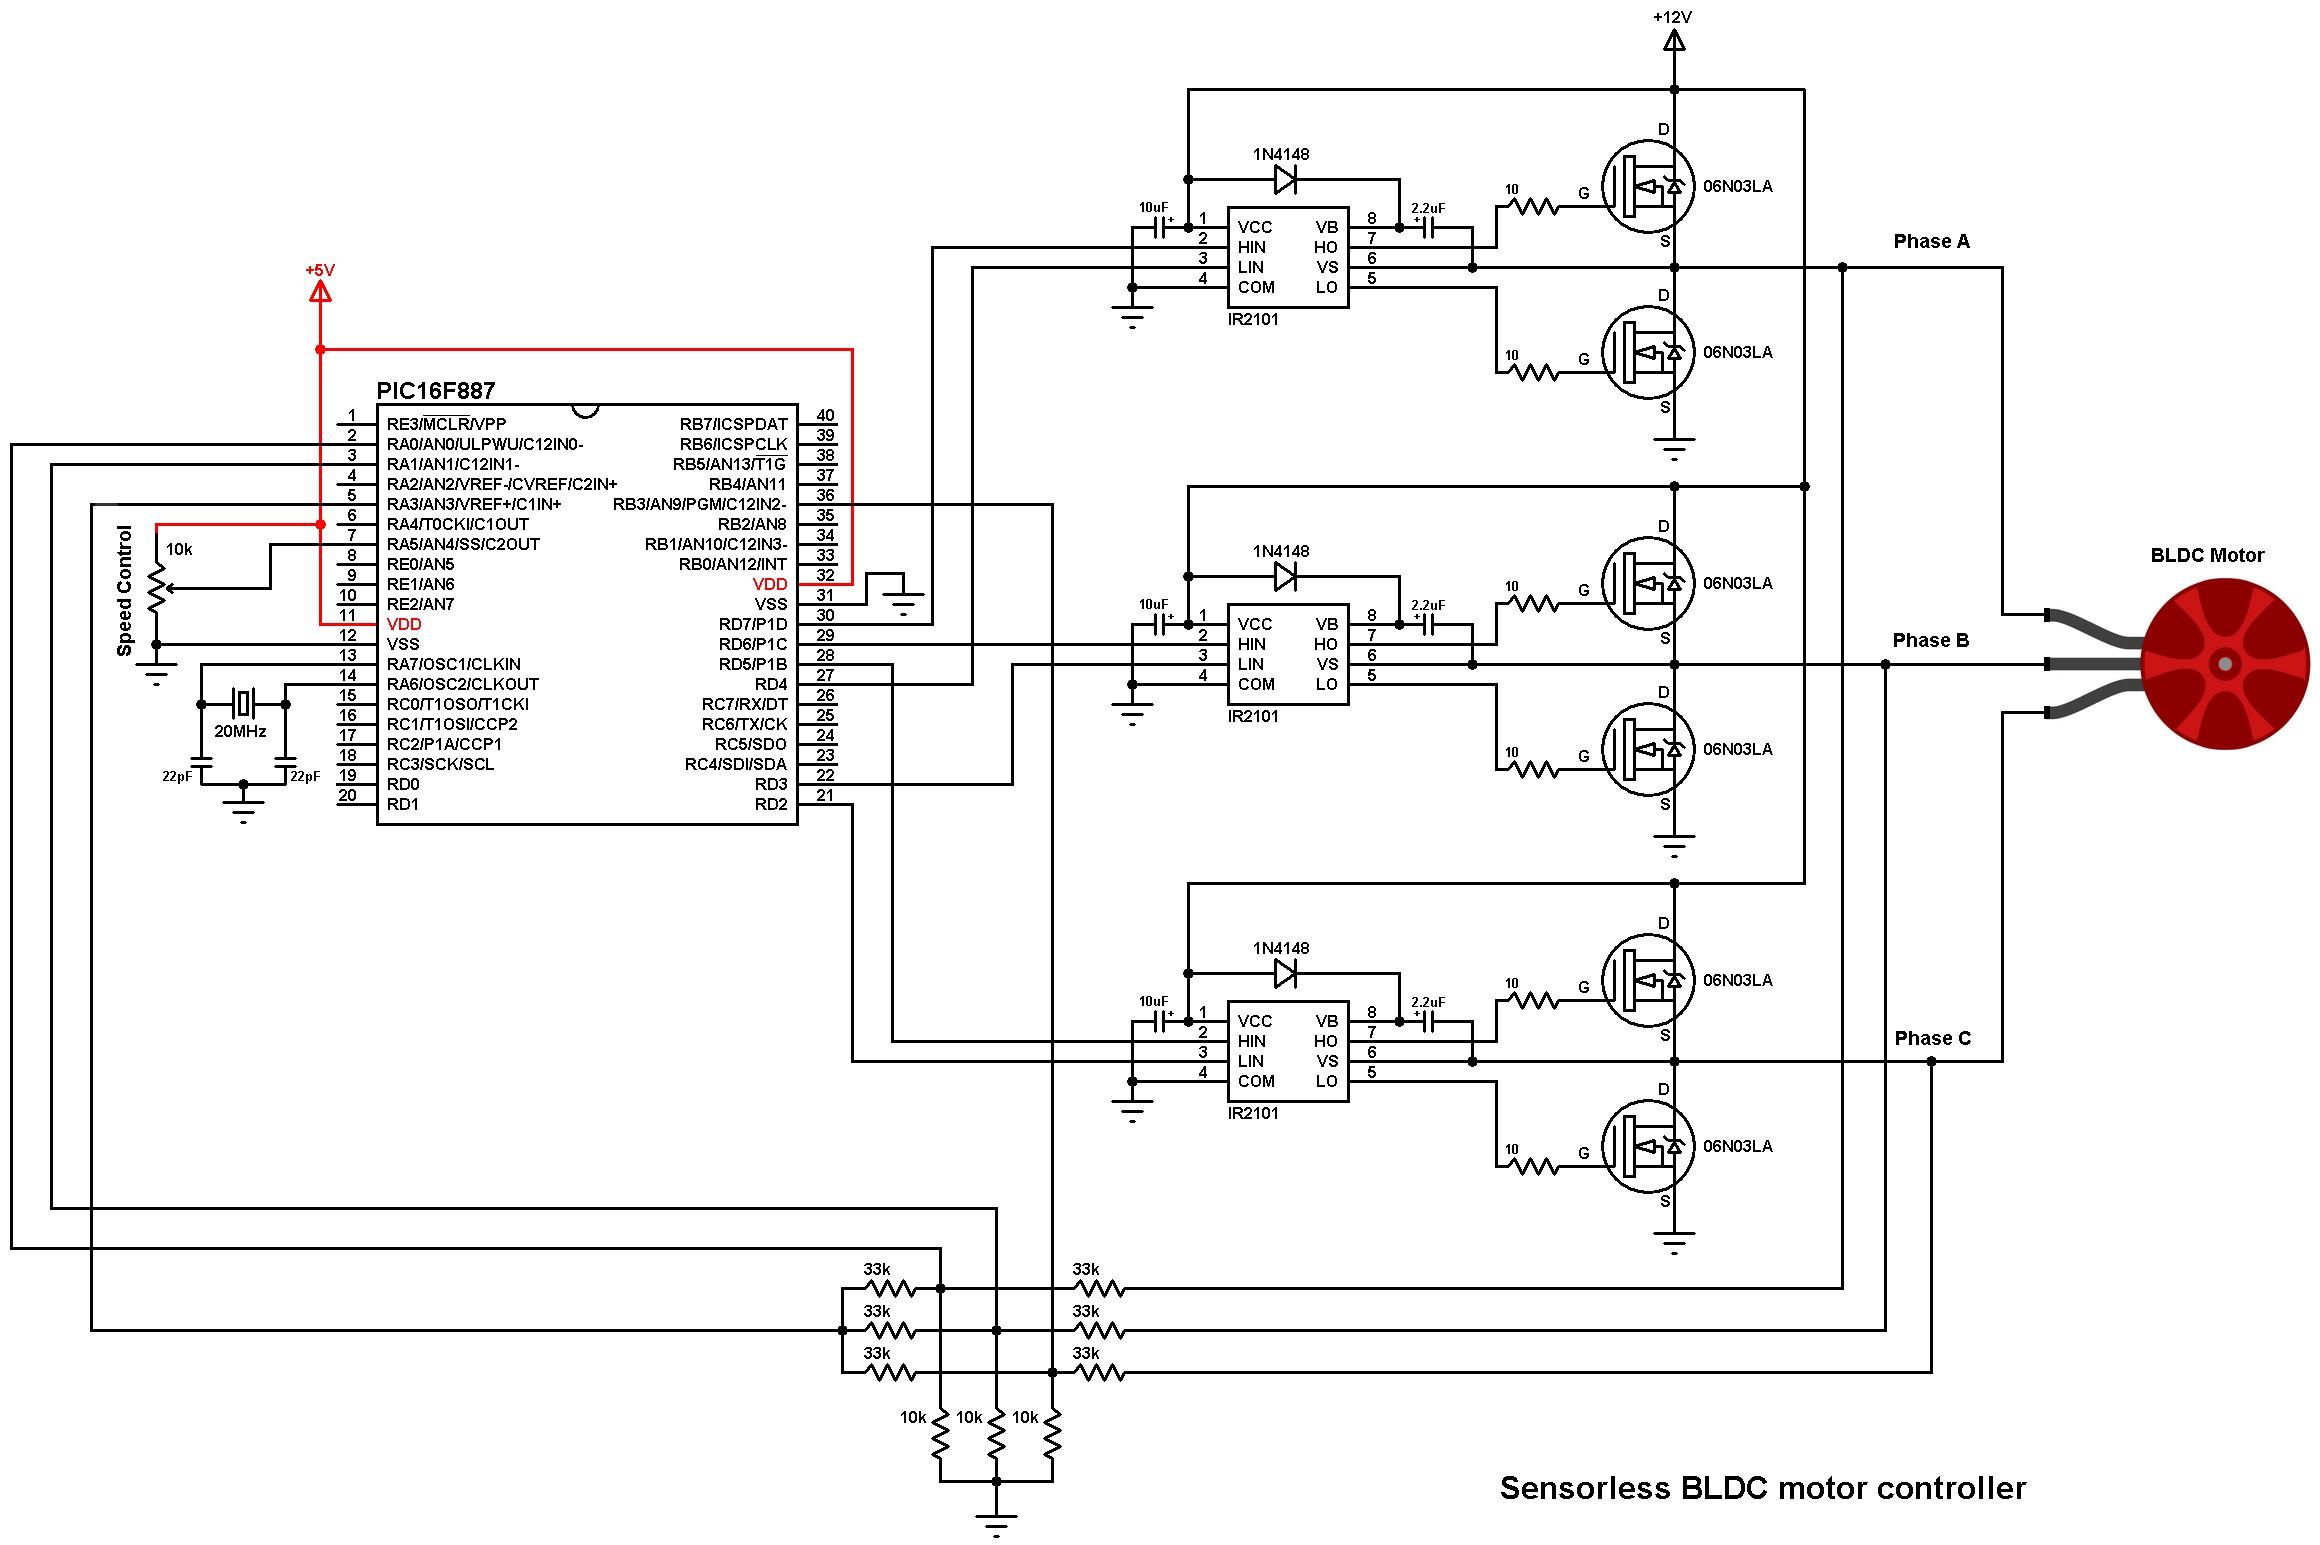 Brushless Dc Motor Diagram Download [grafick] Dc Brushless Wiring Diagram Full Version Of Brushless Dc Motor Diagram